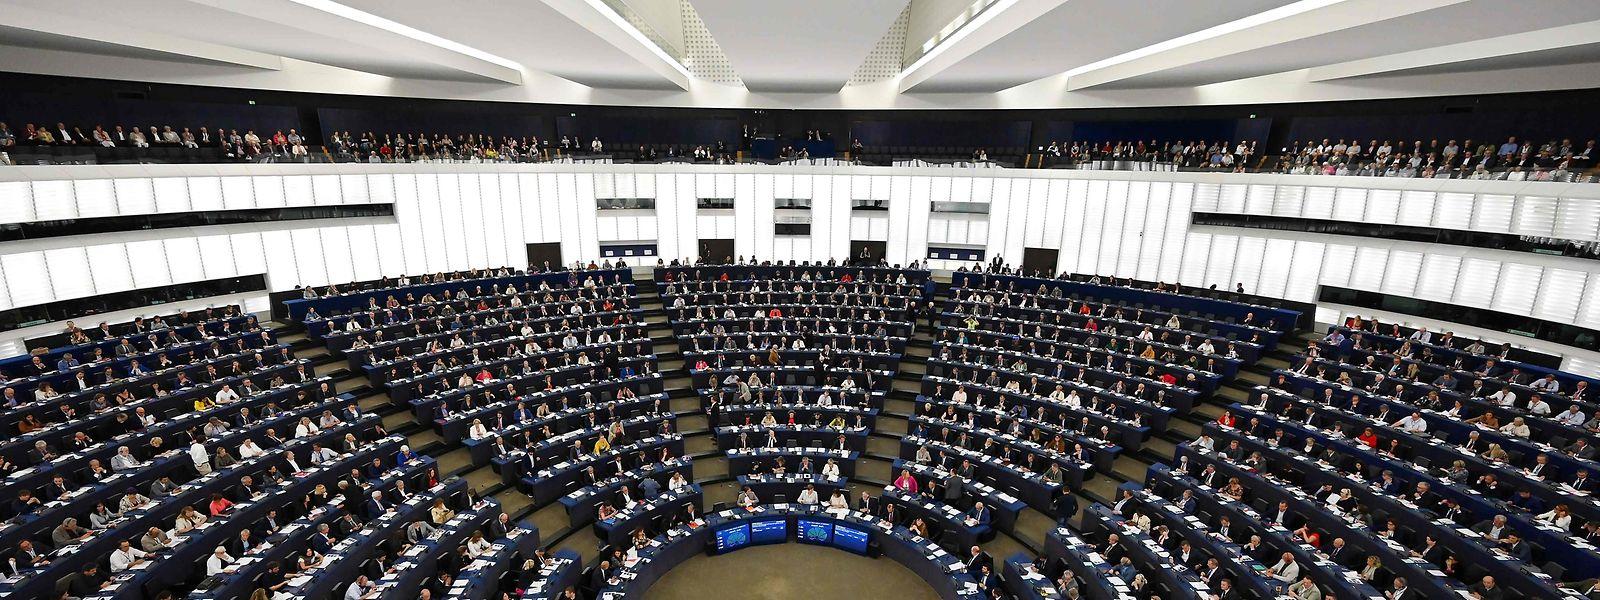 Das EU-Parlament müsste viel objektiver über EU-Kommissare urteilen.